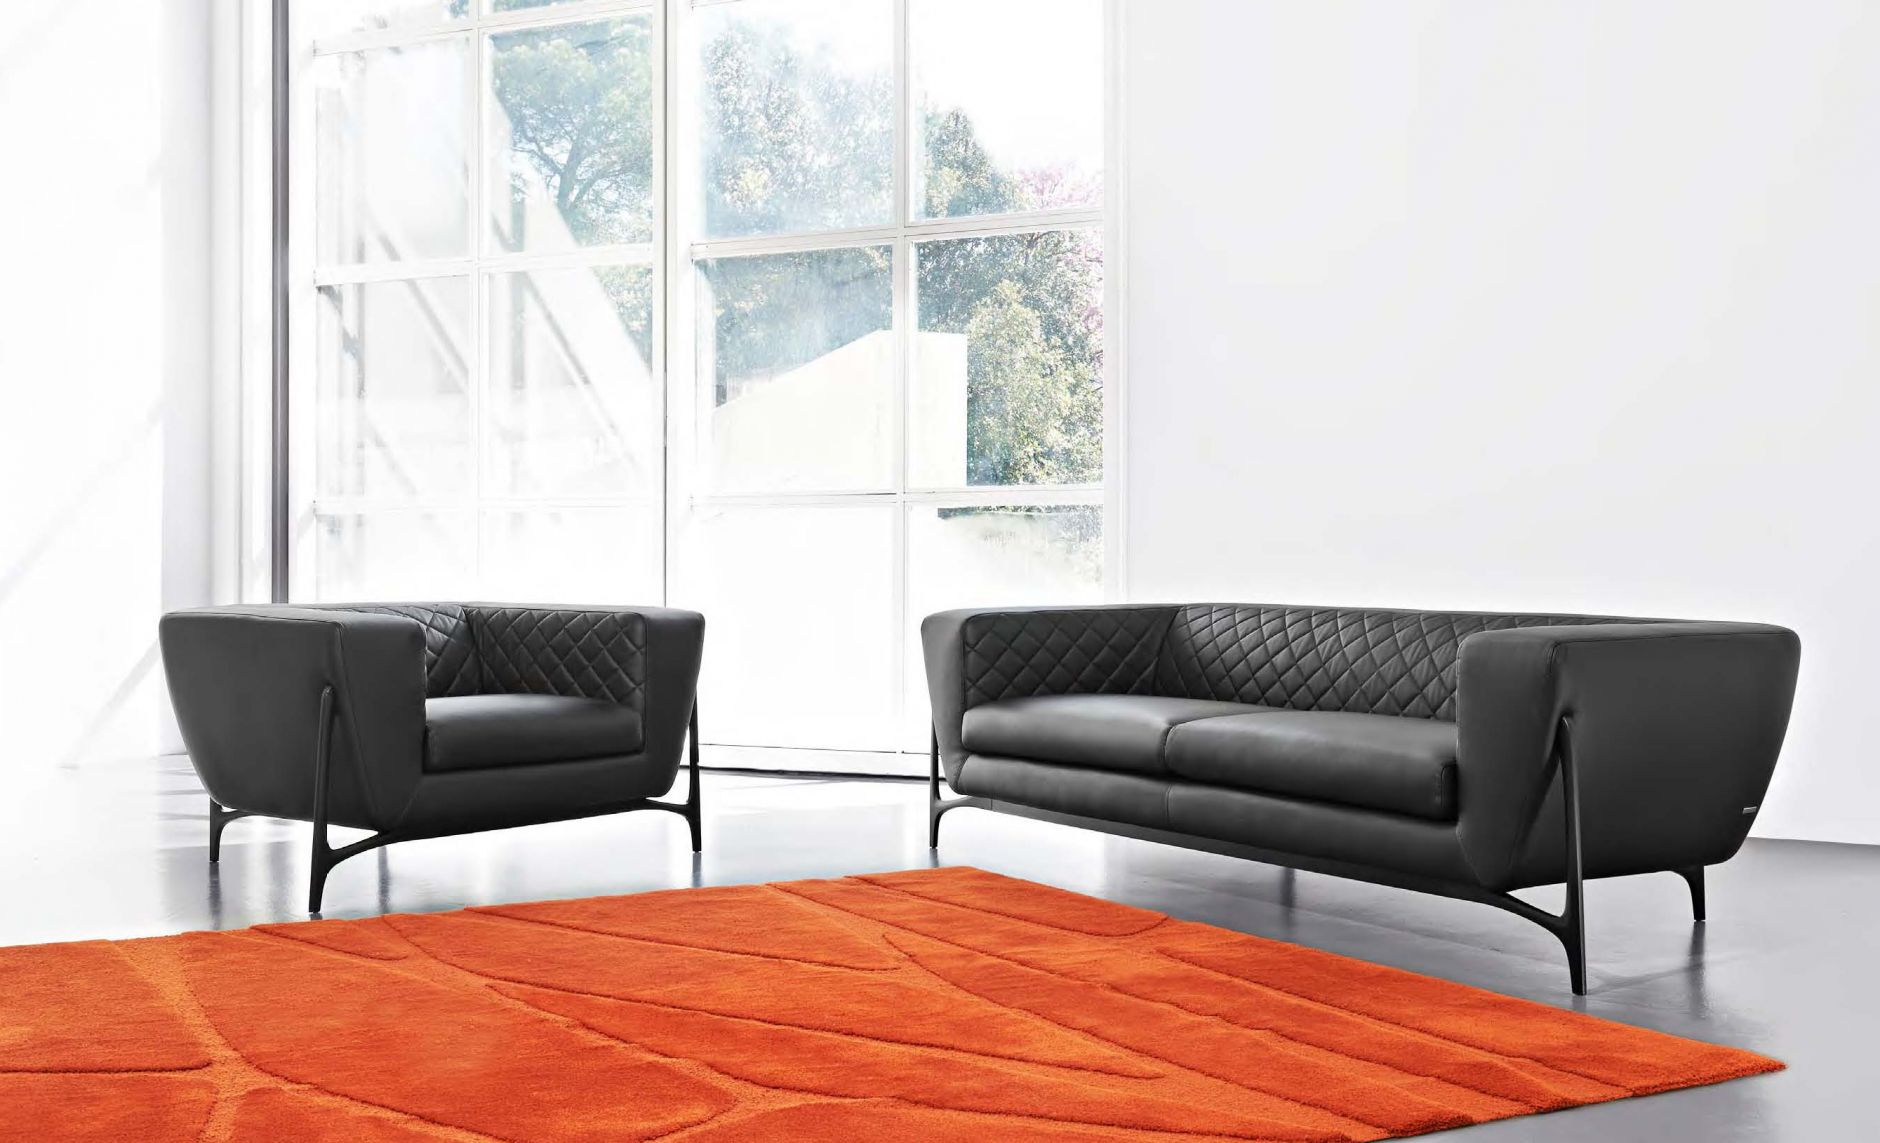 vip sofas luxuri se sofas mercedes benz style 035die m bel aus italien. Black Bedroom Furniture Sets. Home Design Ideas